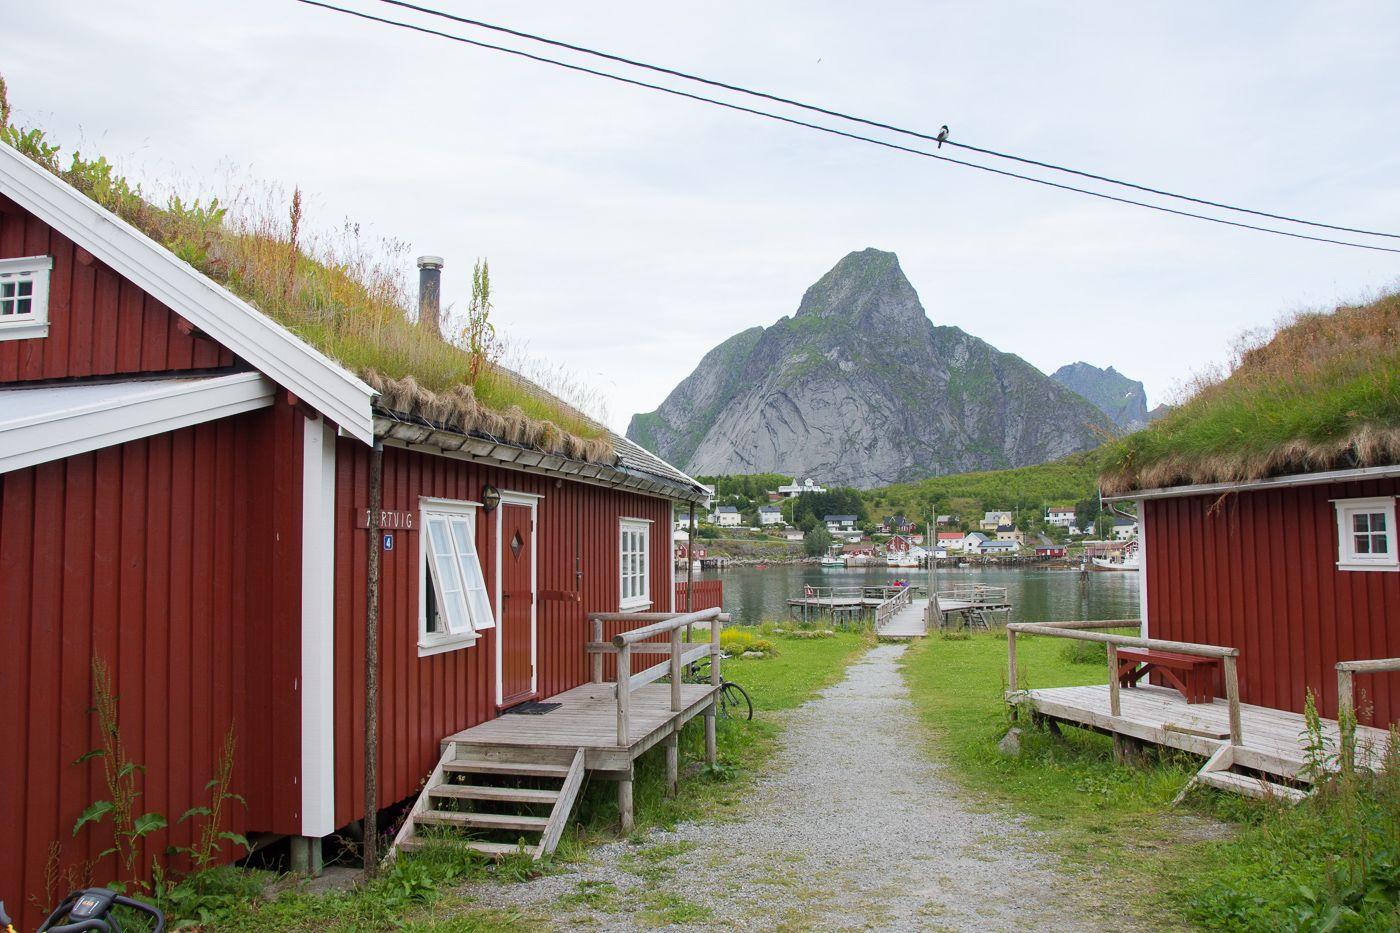 Reine, Lofoten #Reine #Fjords #Norvege #Norway #Norwegianfjords #Lofoten